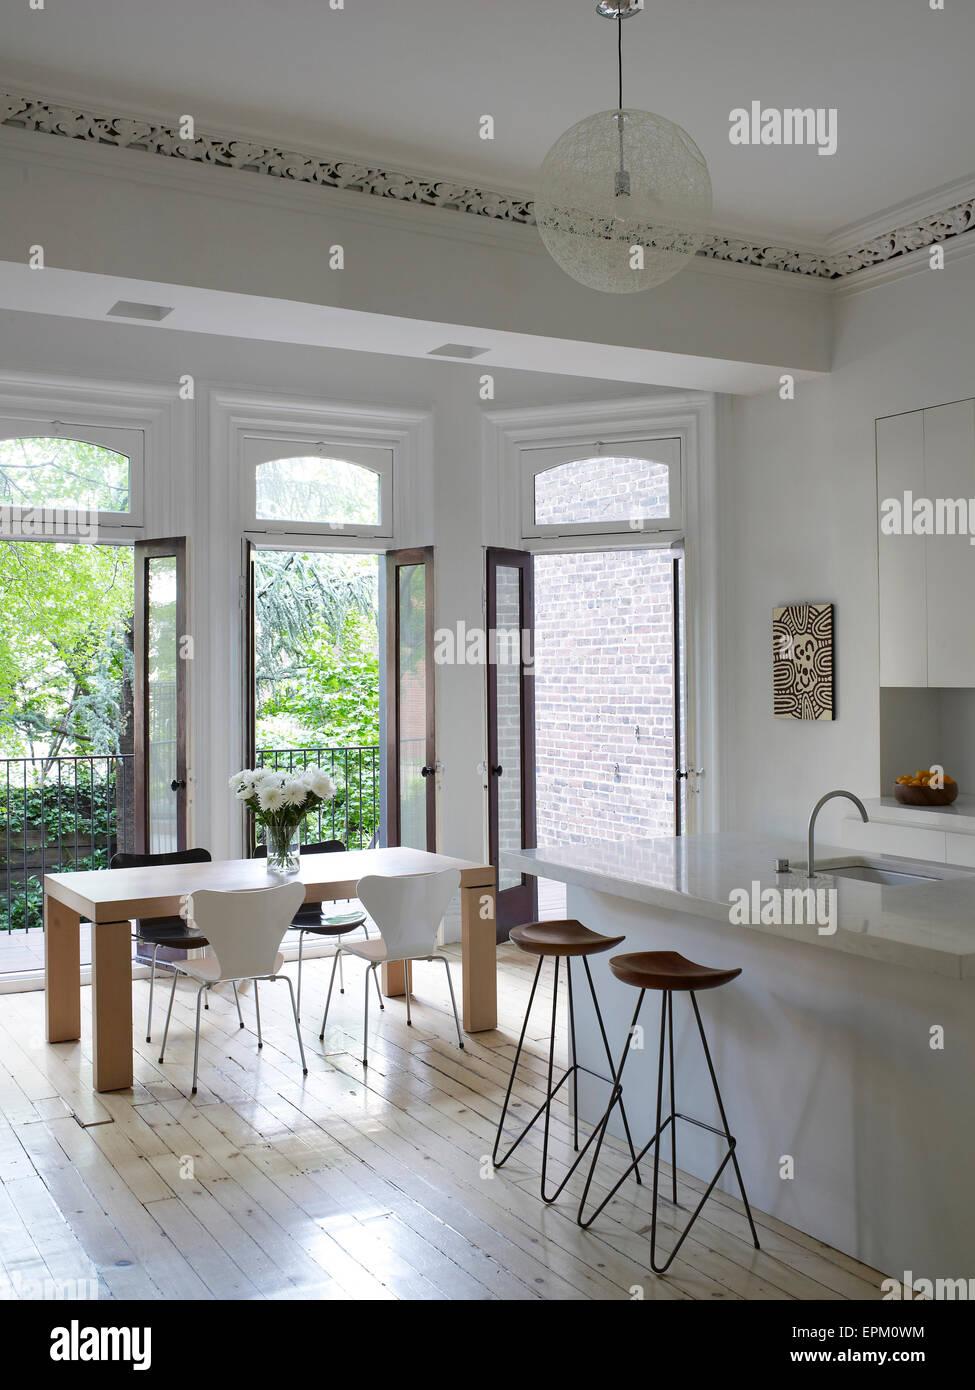 Frühstücks-Bar, Hocker und kleiner Esstisch in weiße Küche mit ...